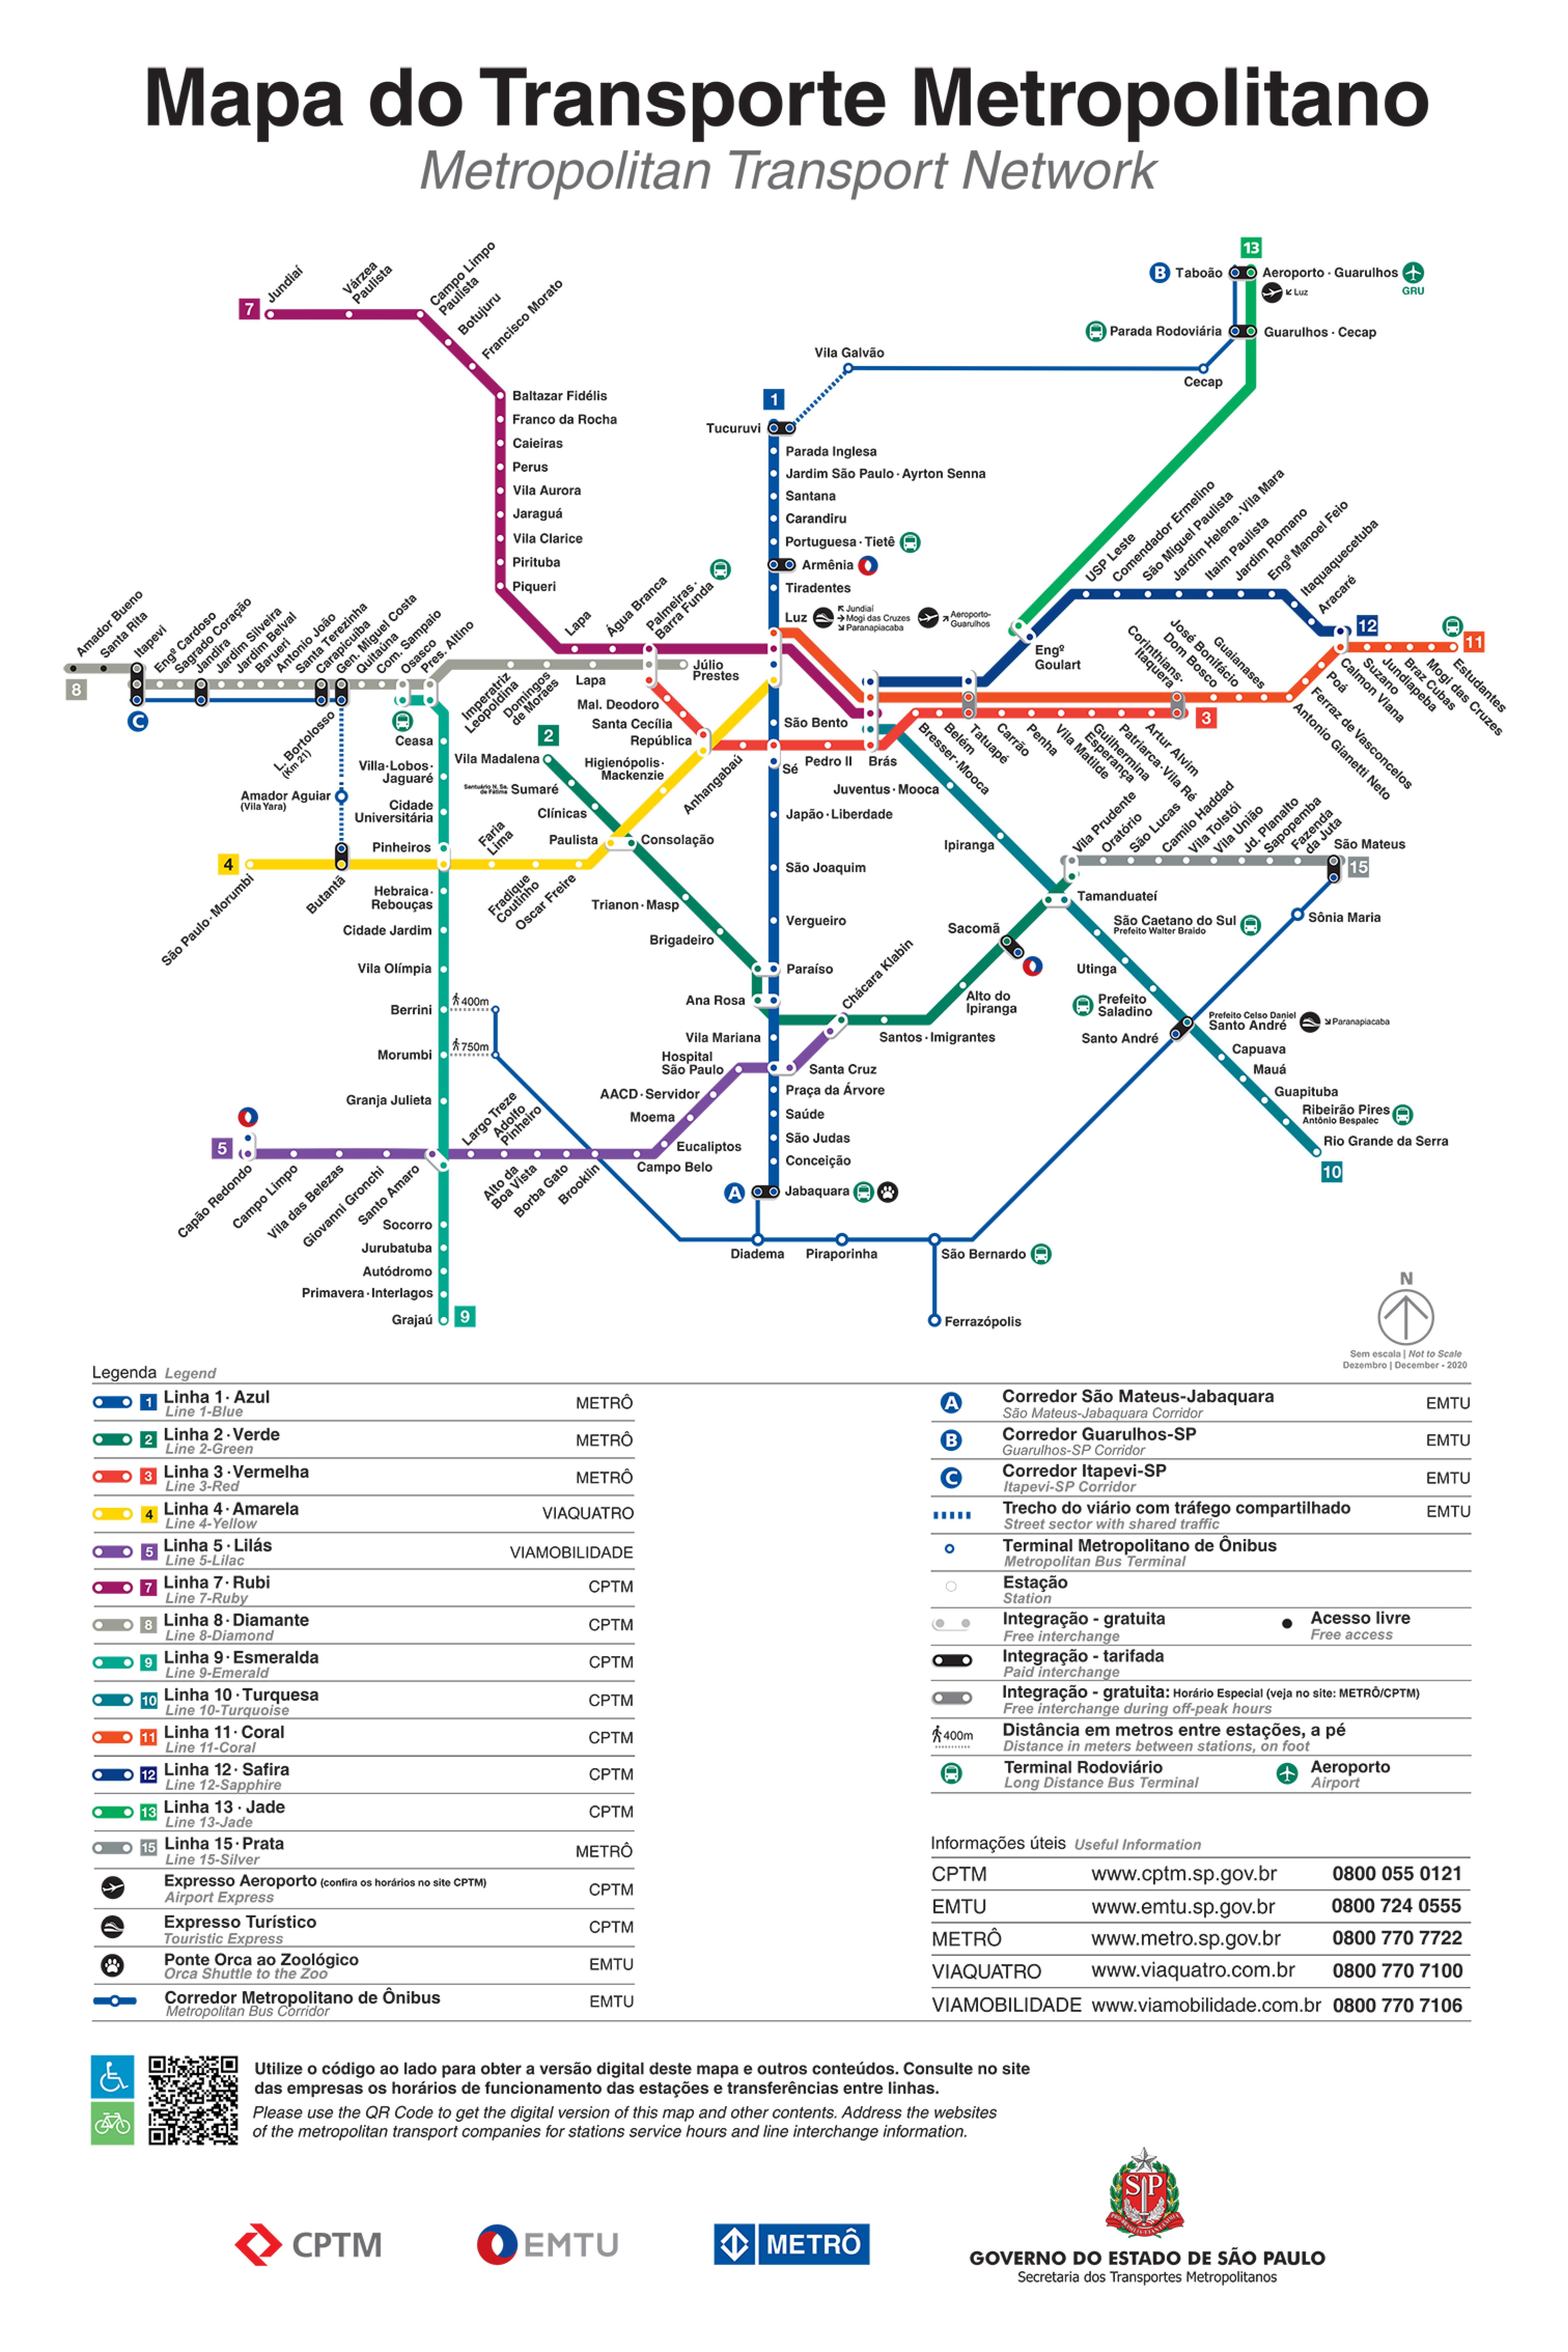 Mapa do Transporte Metropolitano mostra linhas do Metrô e da CPTM